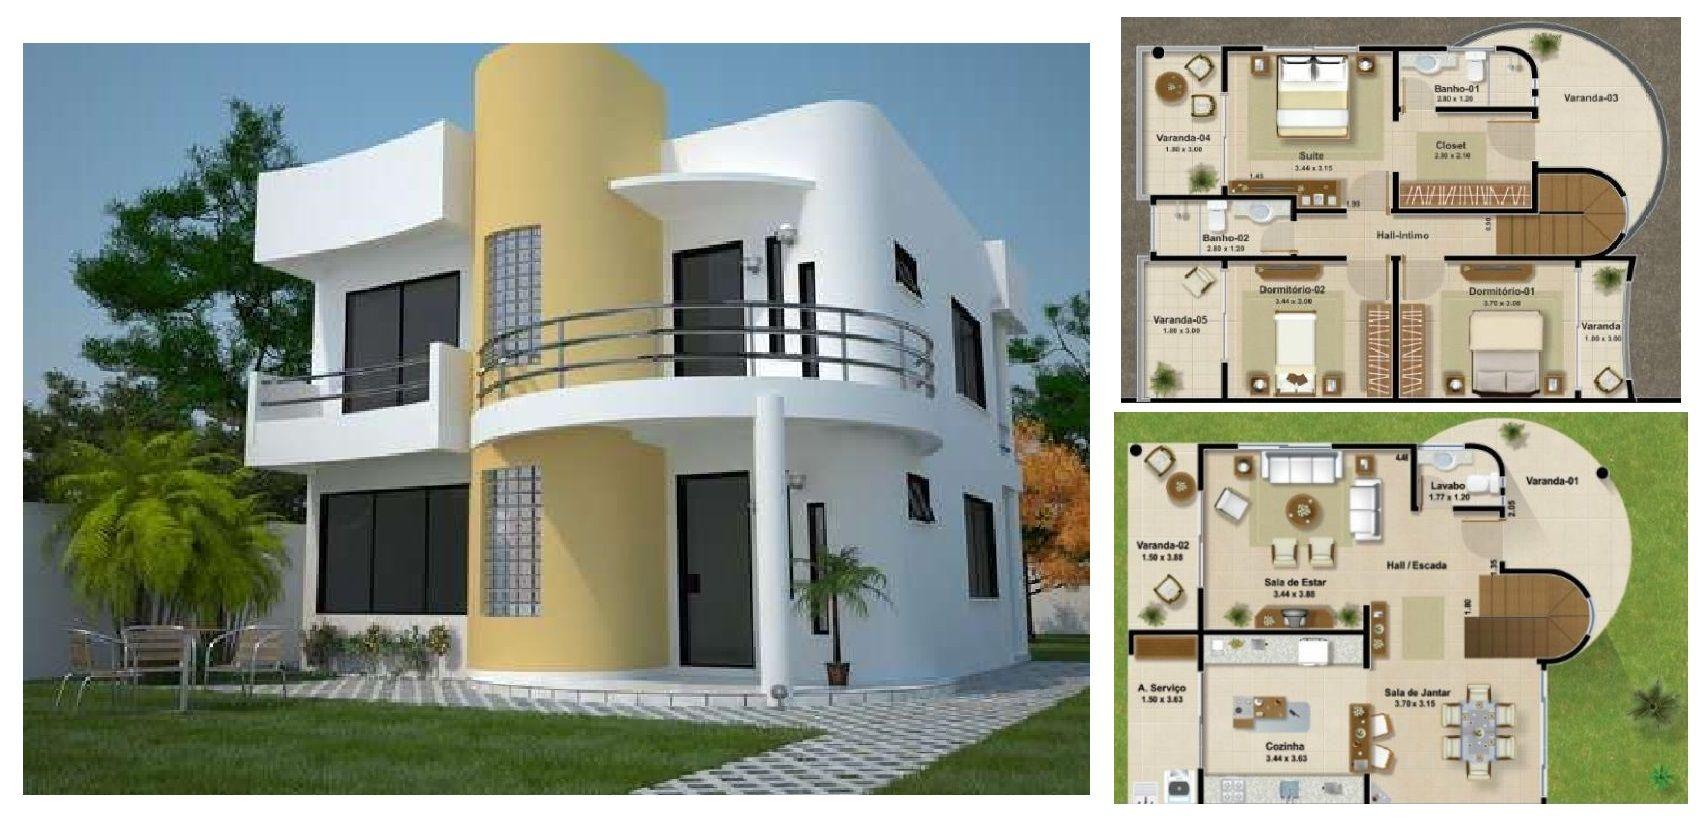 Victor Casas De Dos Pisos Diseno Casas Modernas Planos De Casas